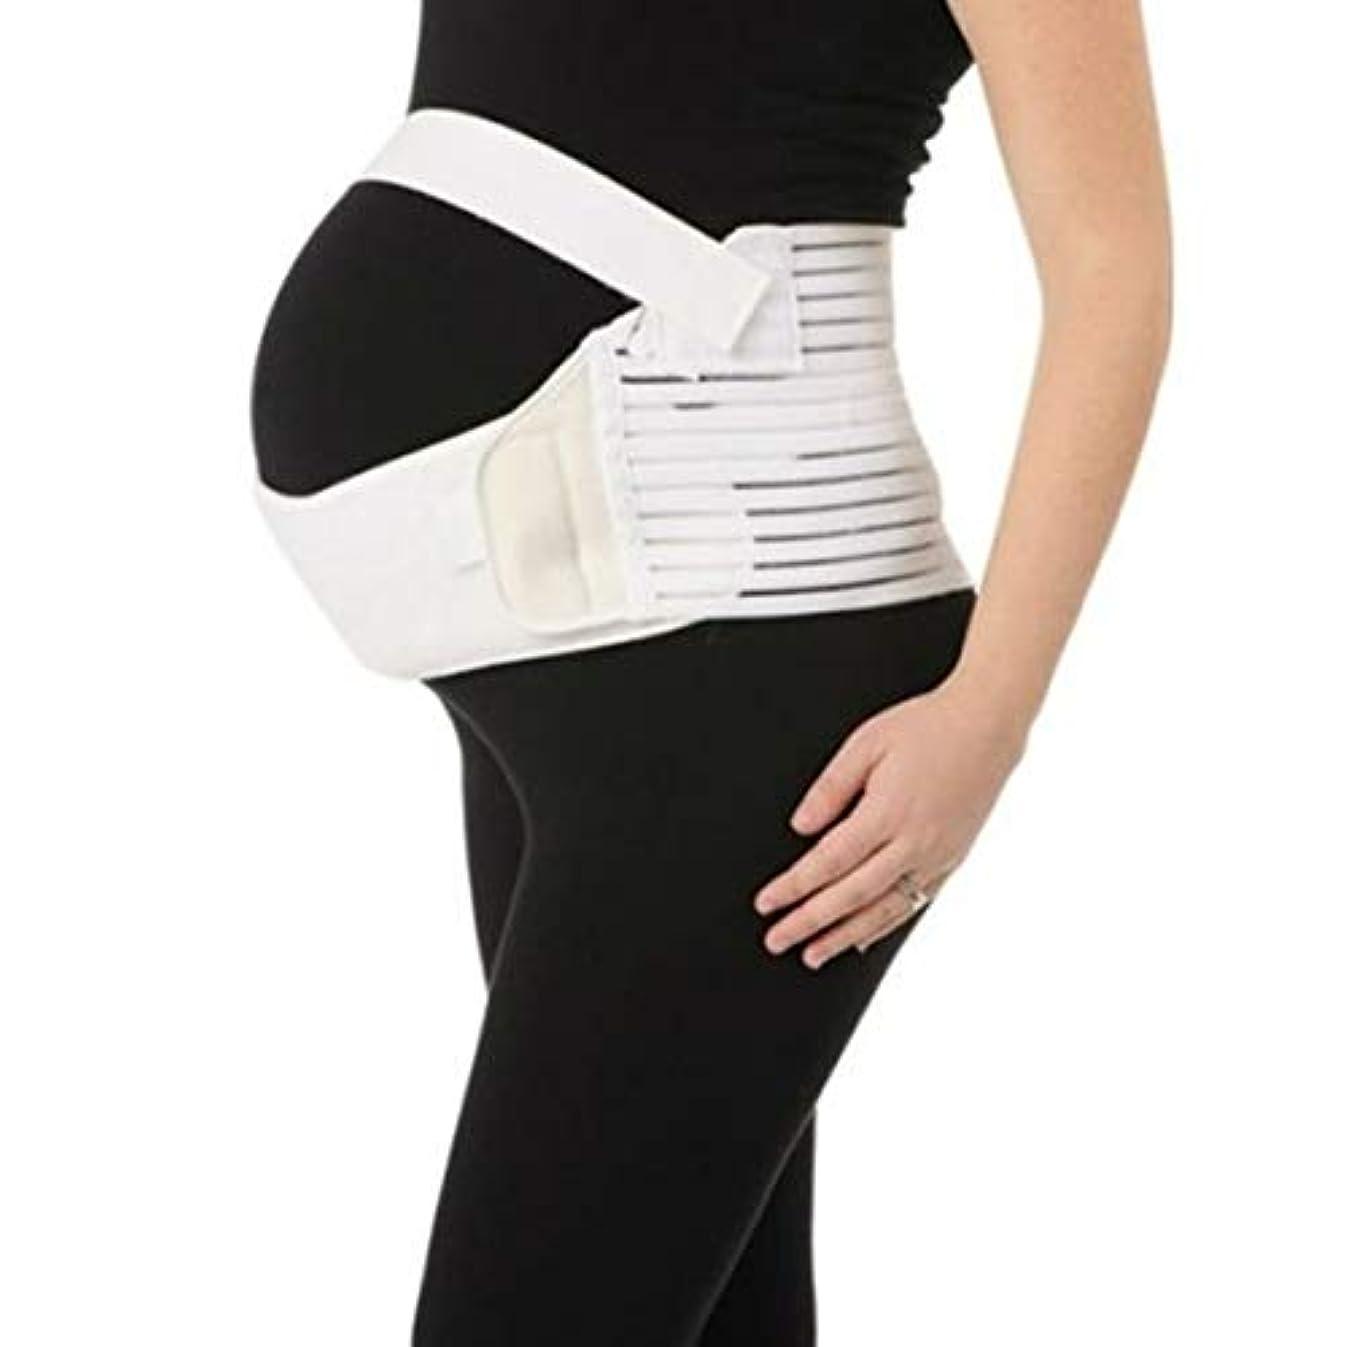 イーウェル否定する交通通気性産科ベルト妊娠腹部サポート腹部バインダーガードル運動包帯産後の回復形状ウェア - ホワイトM